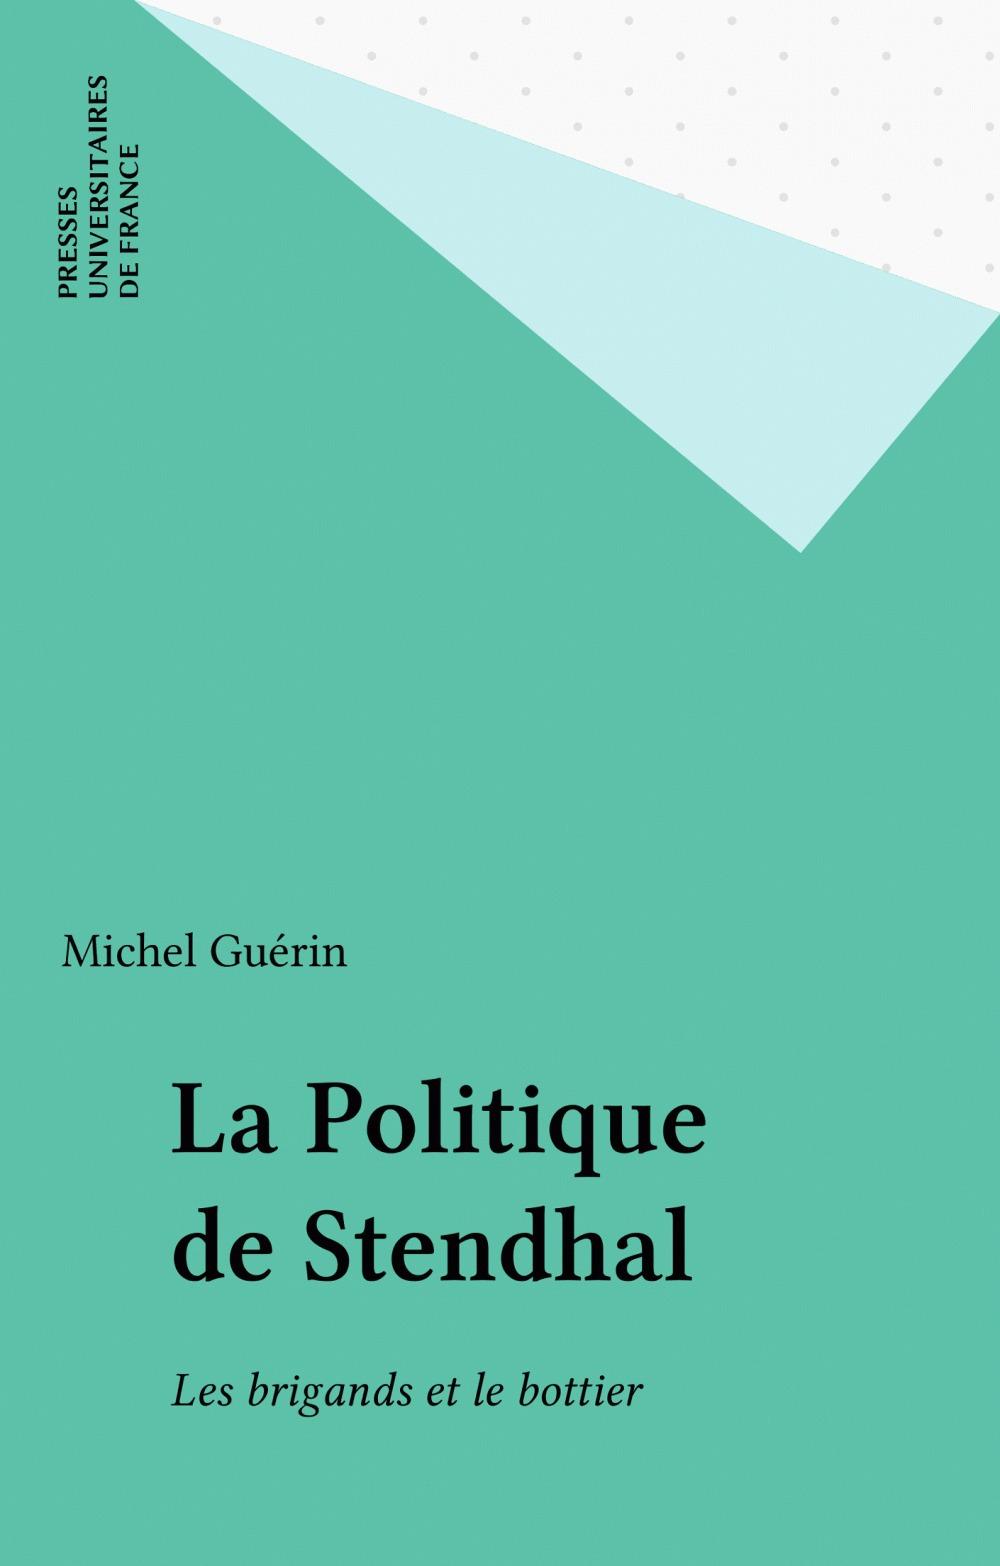 La politique de stendhal